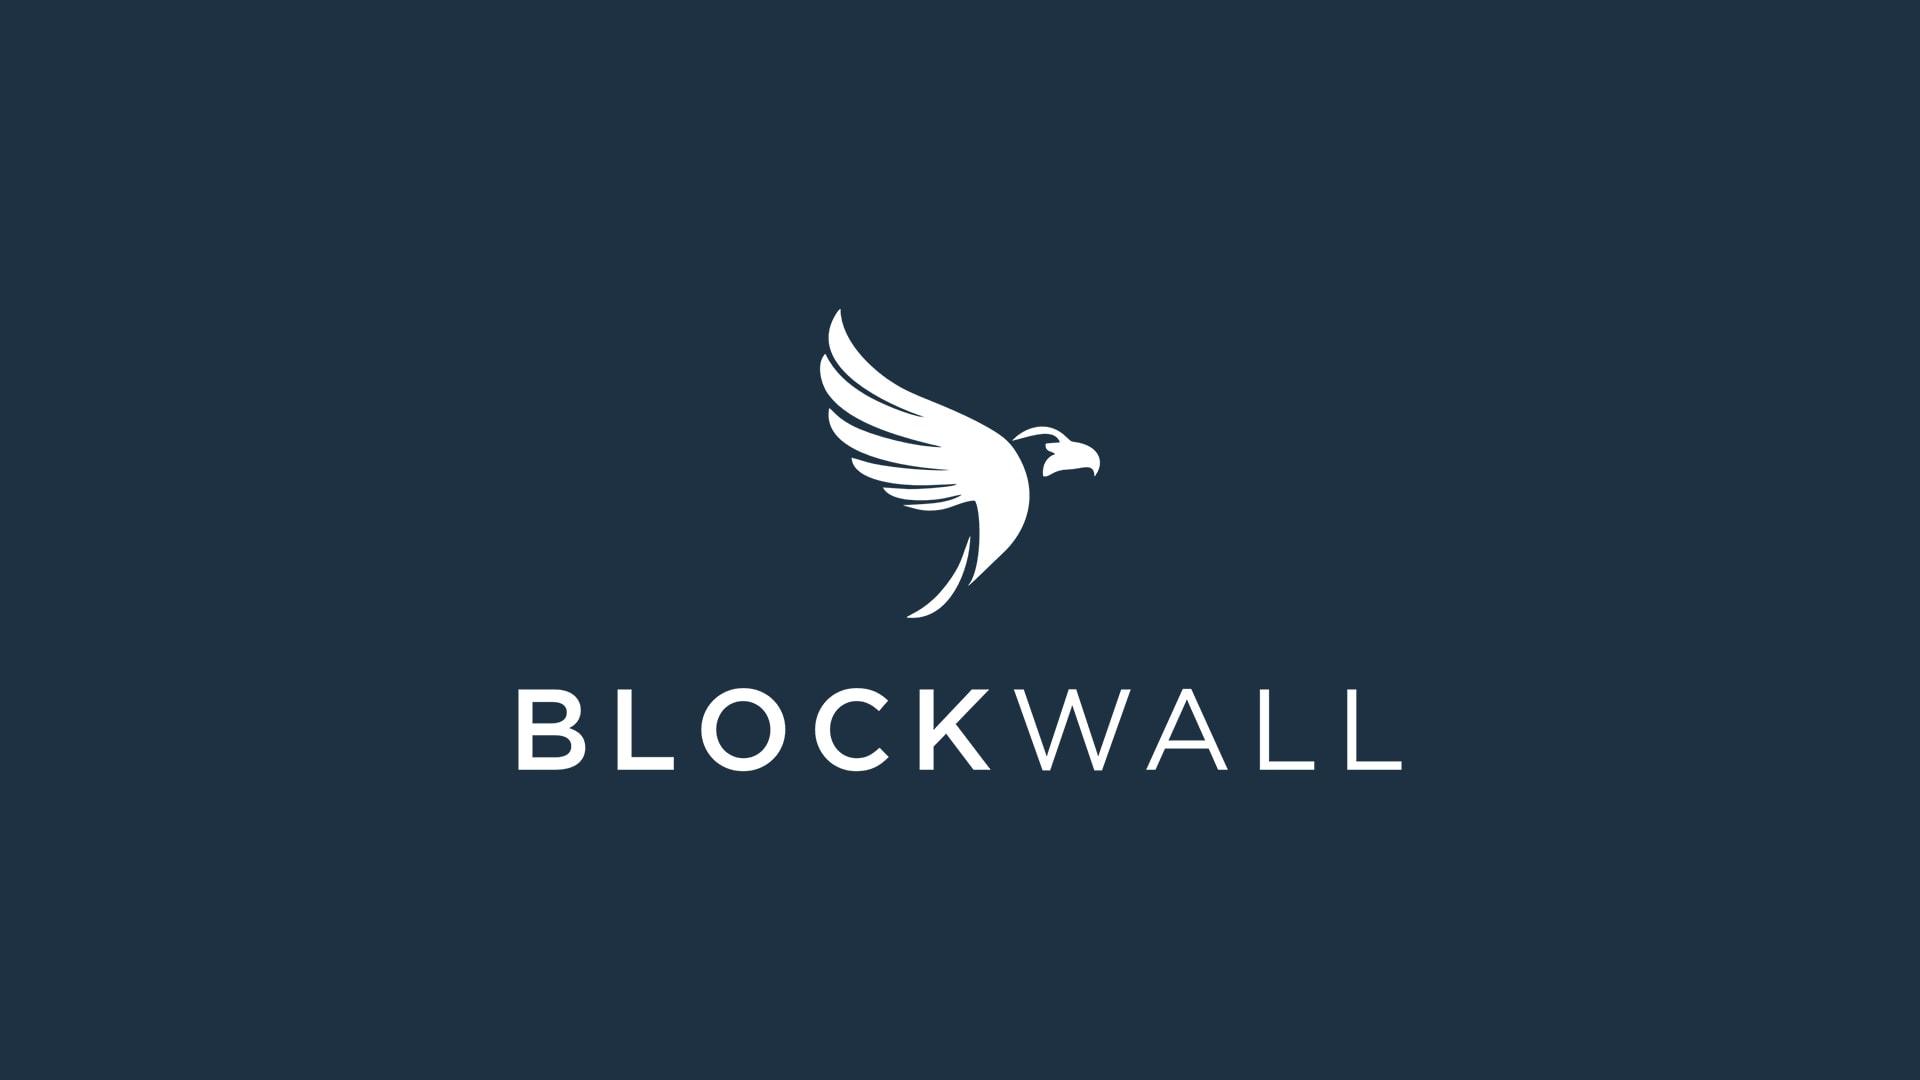 blockwall